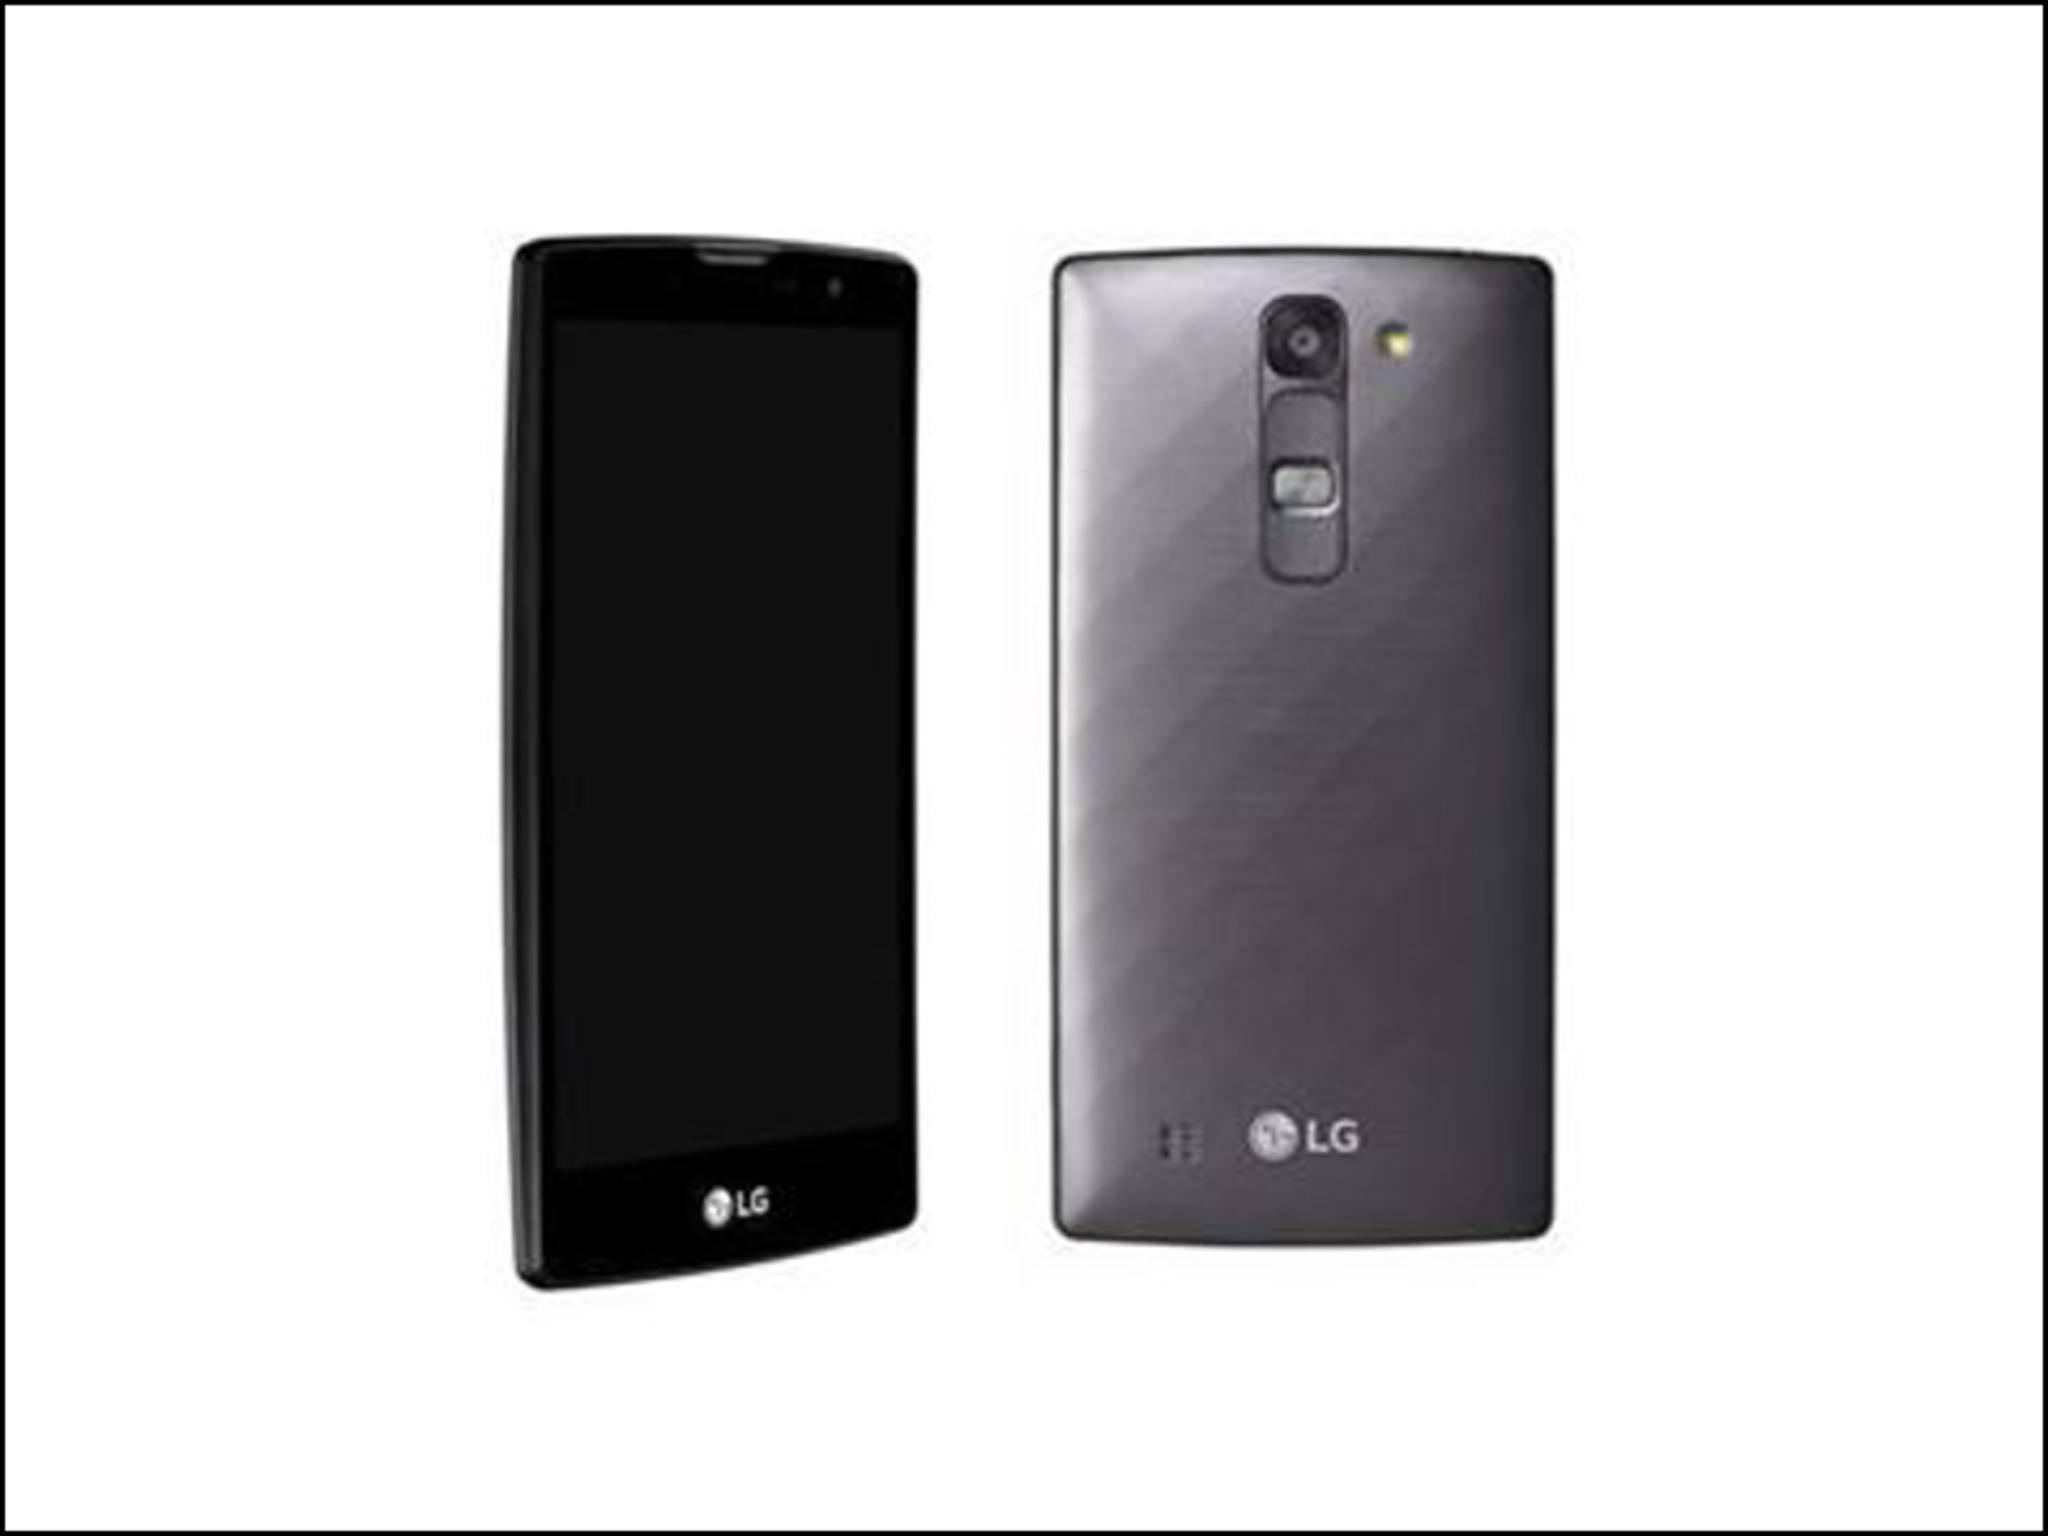 Das LG G4c ähnelt dem G4 äußerlich stark.